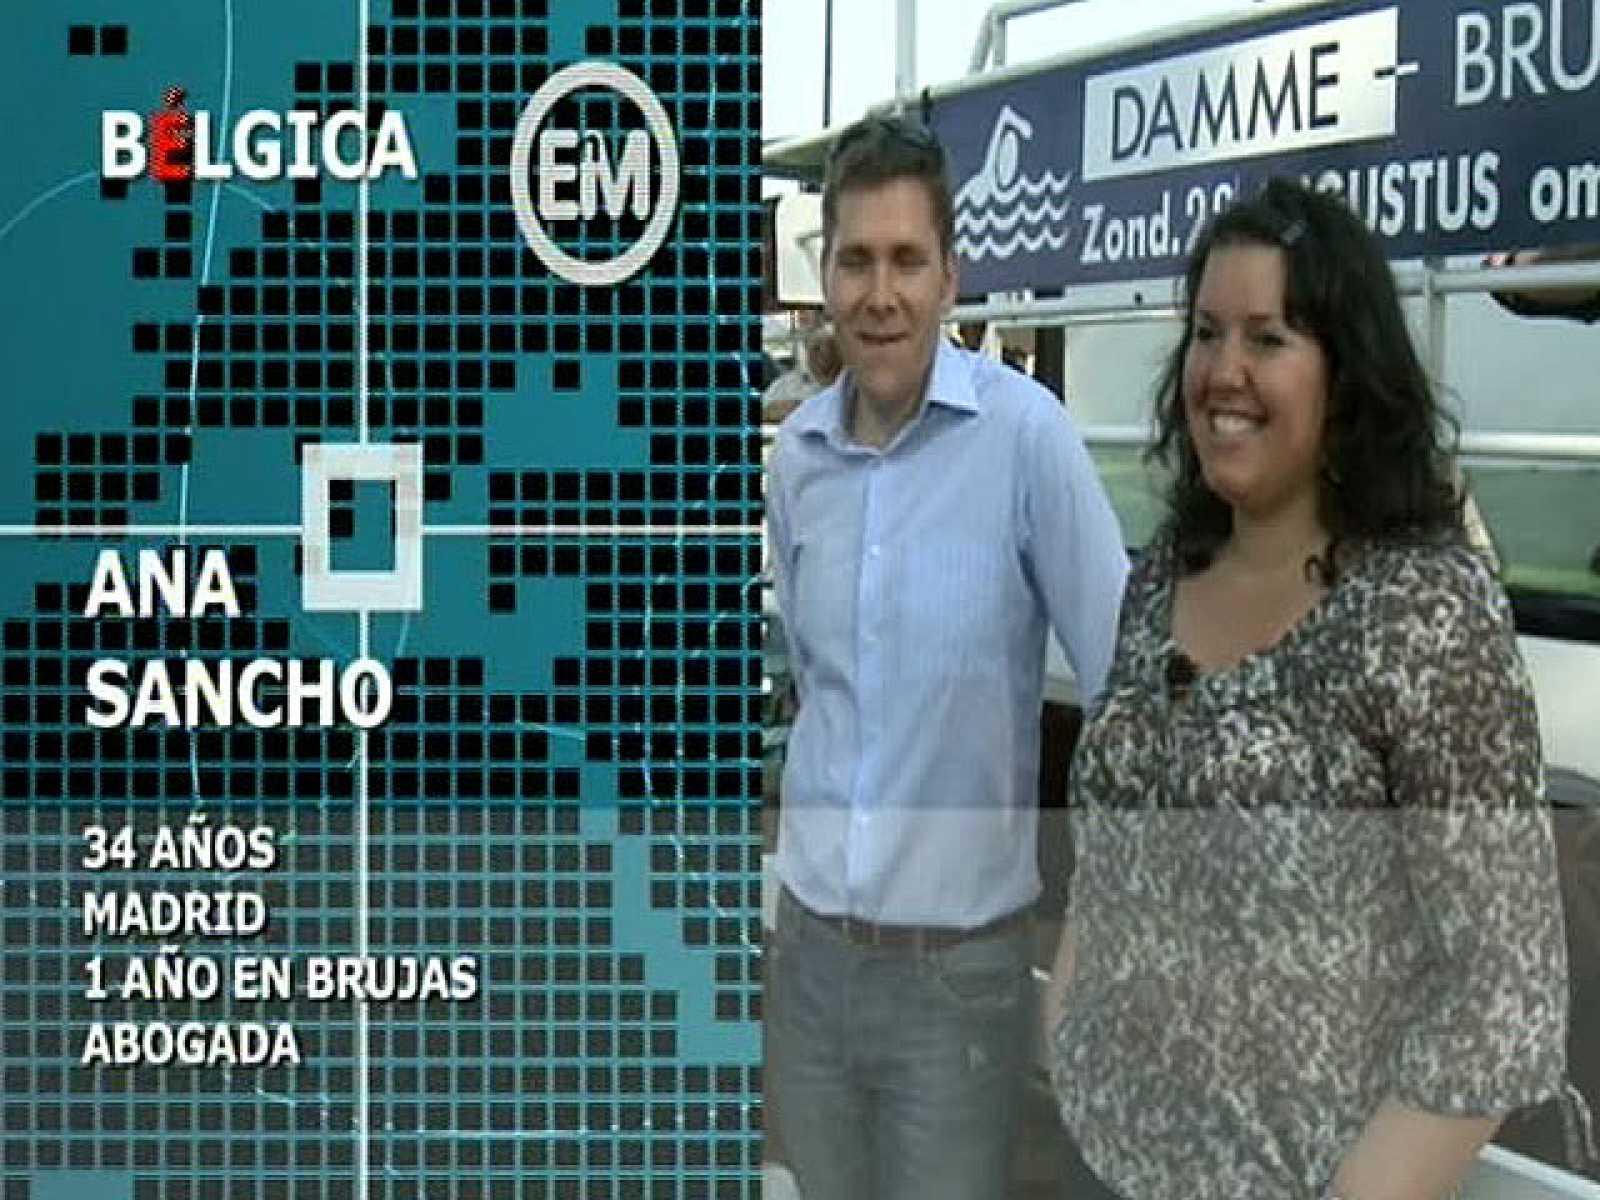 Españoles en el mundo - Bélgica - Ana